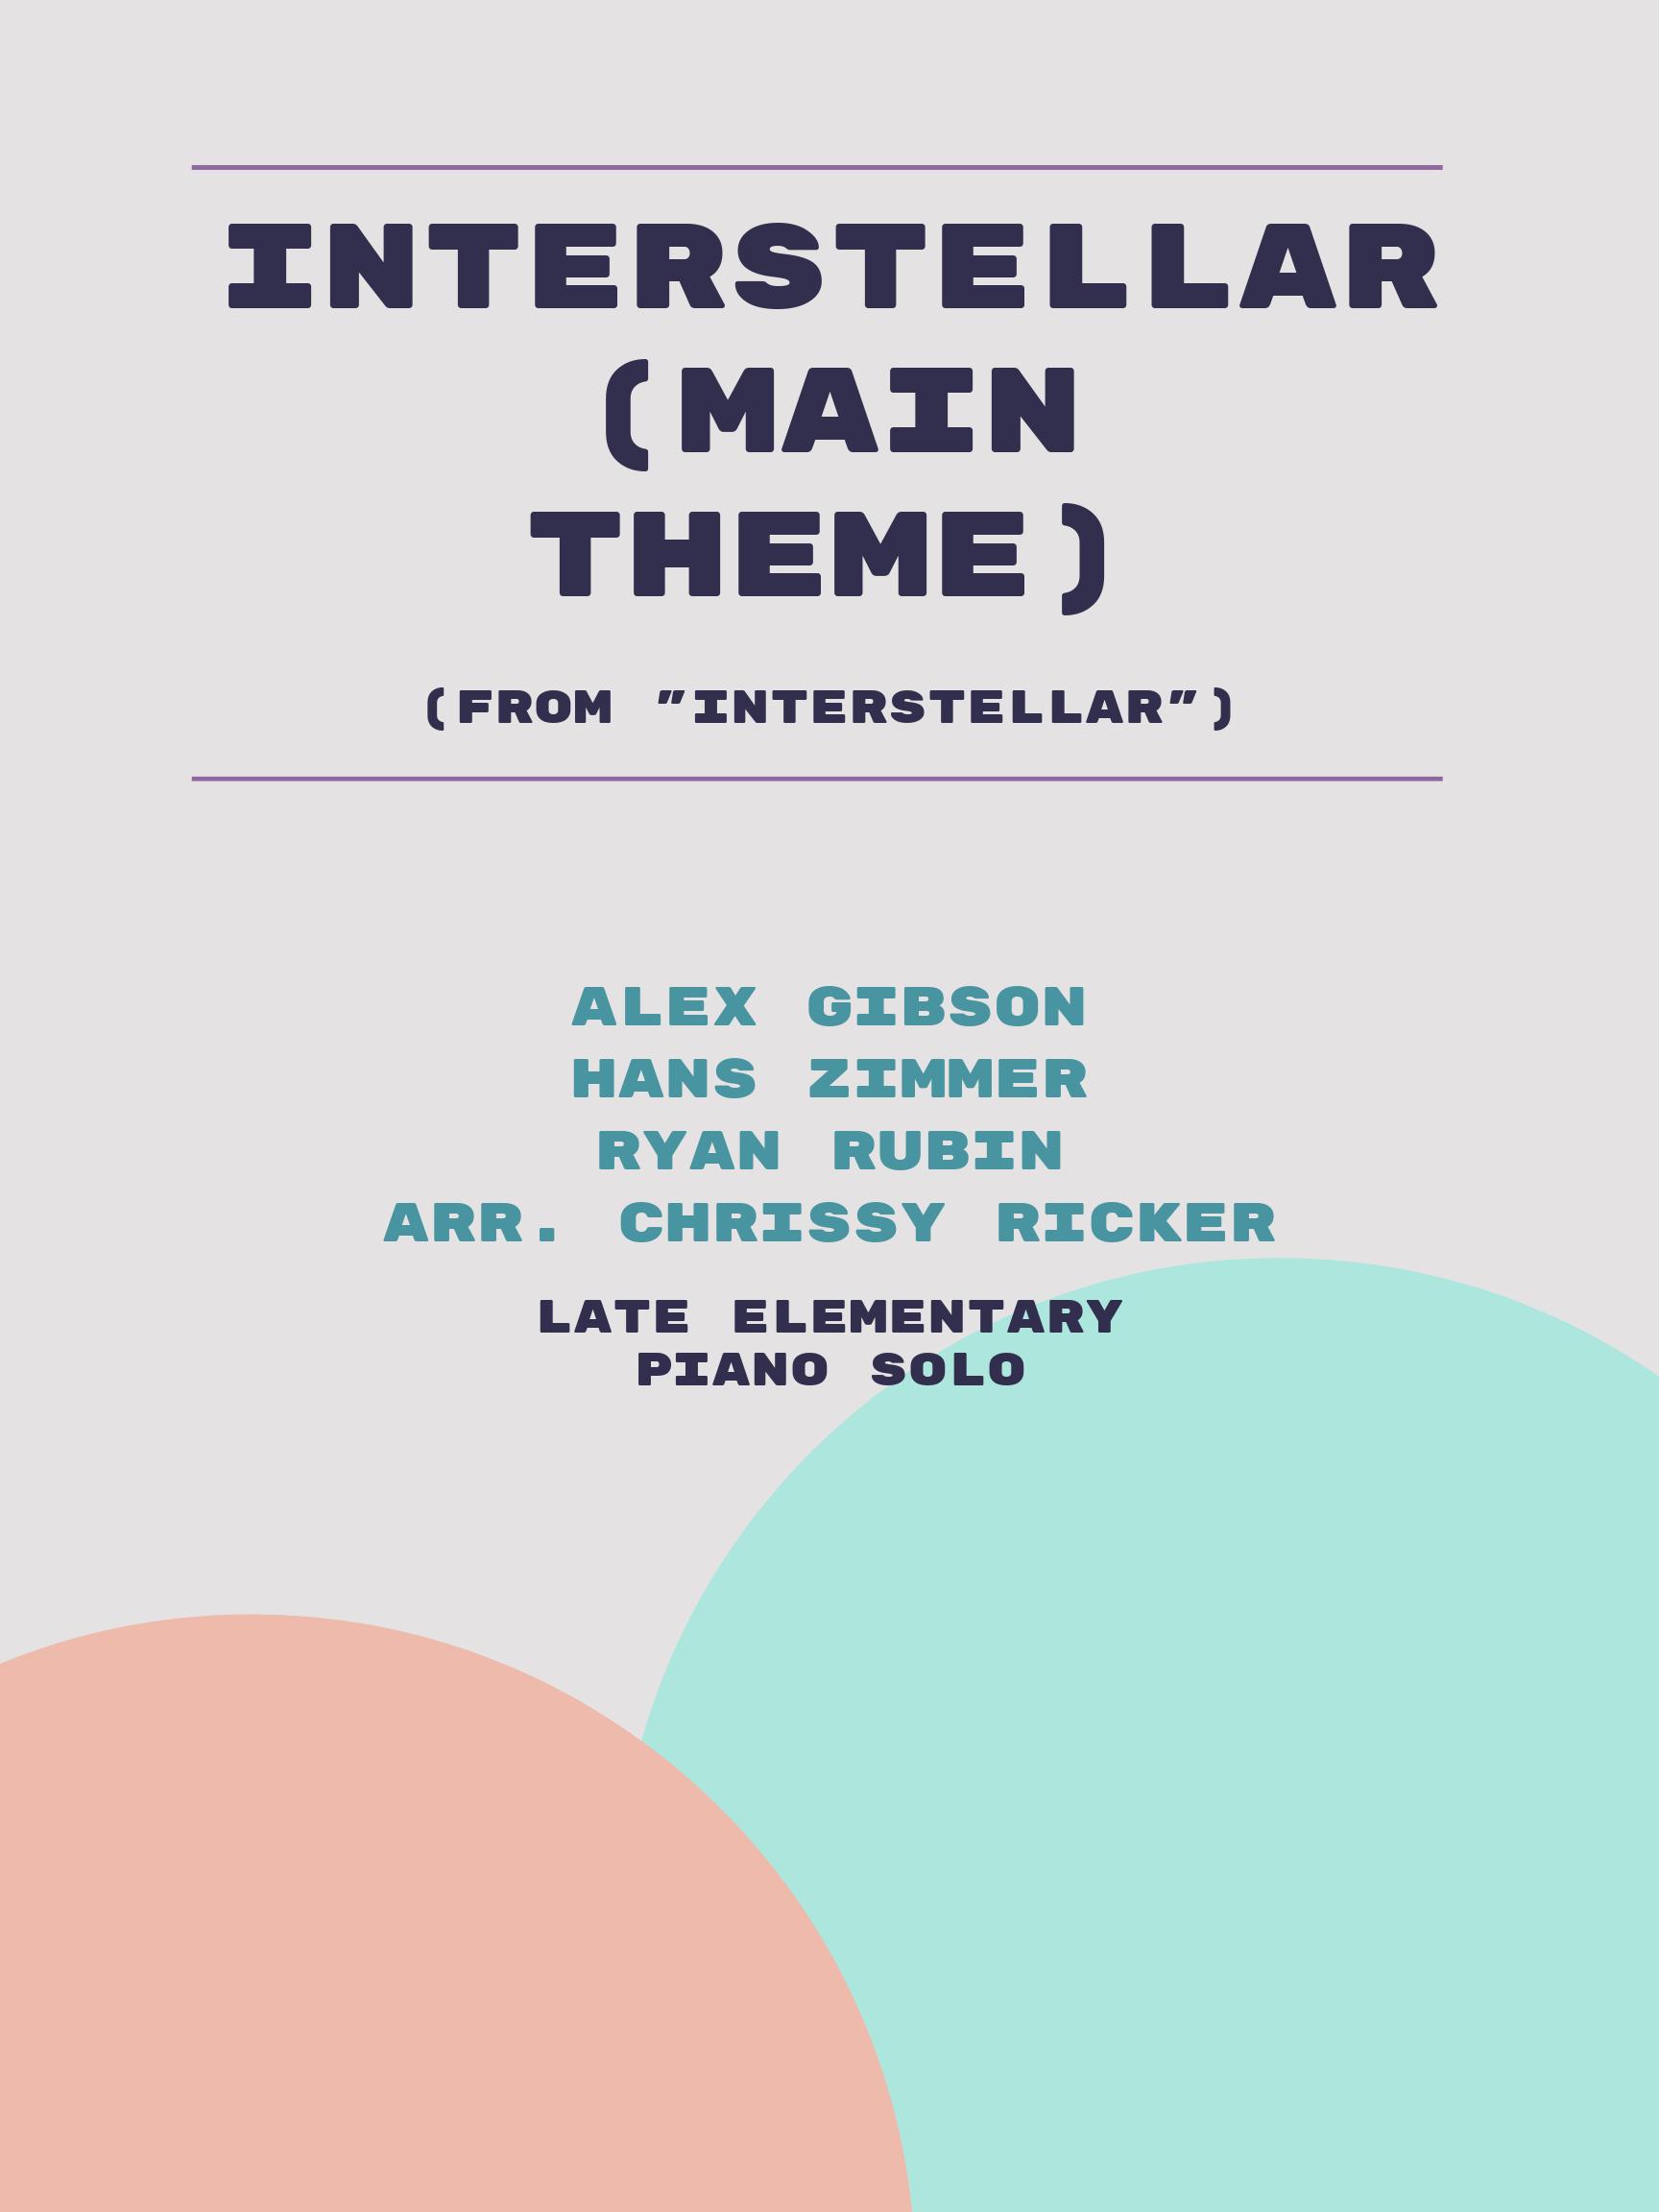 Interstellar (Main Theme) by Alex Gibson, Hans Zimmer, Ryan Rubin